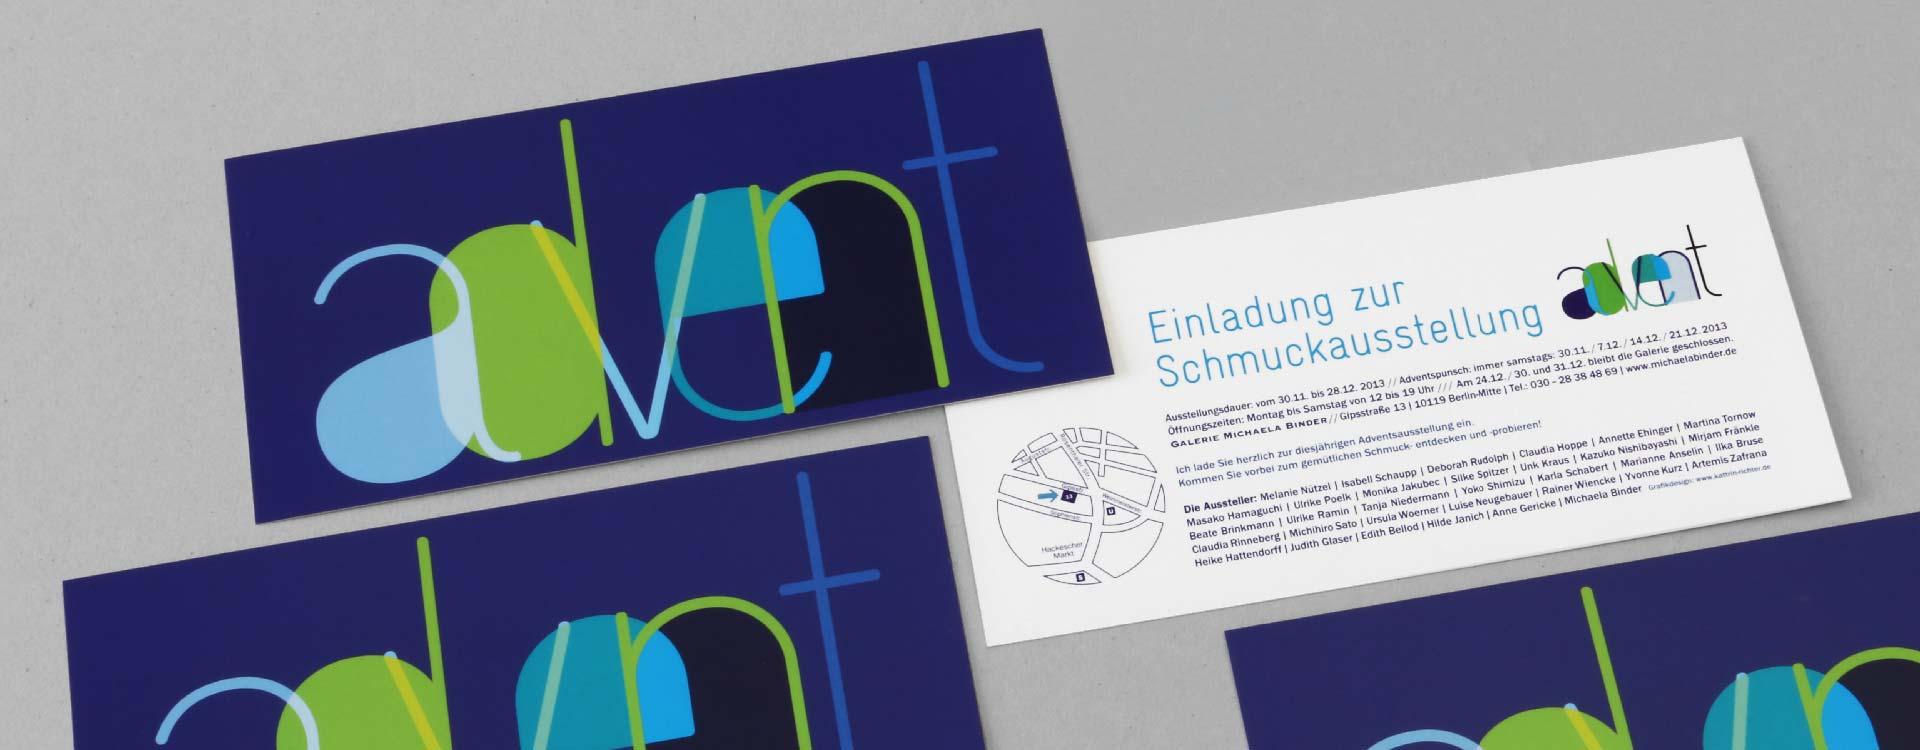 Einladungskarte zur Schmuckausstellung 2013 in der Galerie Michaela Binder, Berlin; Design: Kattrin Richter |Büro für Grafikdesign